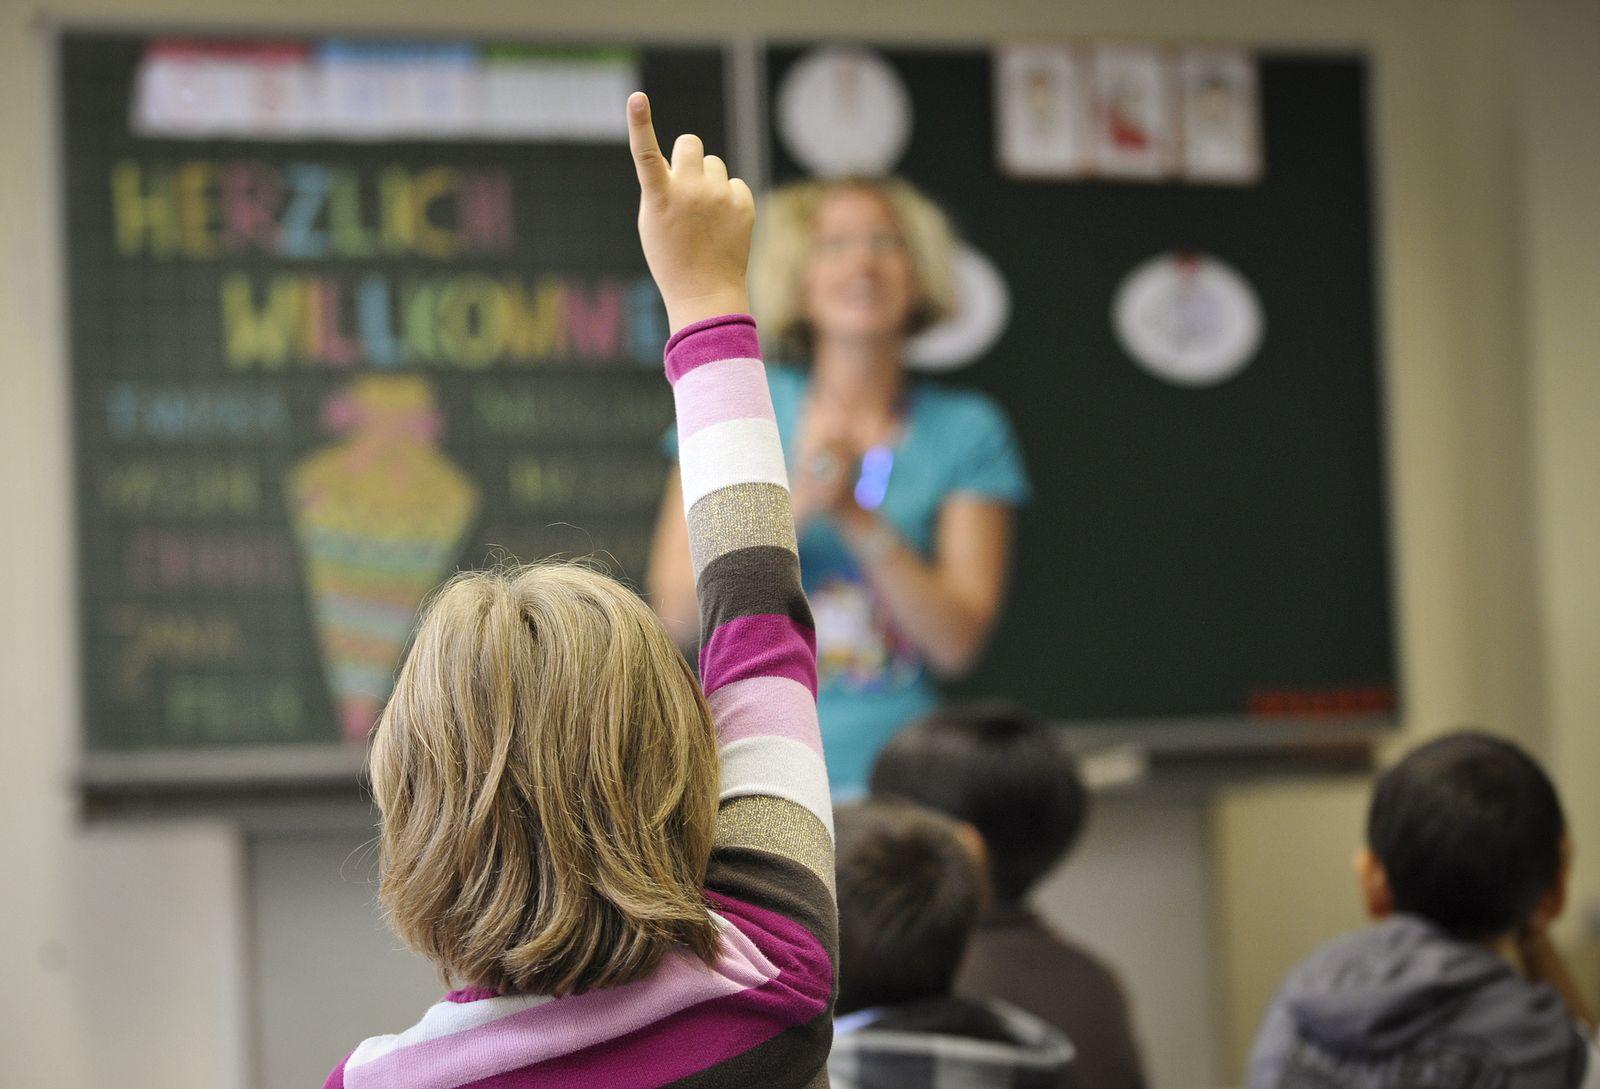 NICHT VERWENDEN Schulreform NRW beschlossen Schule Schulklasse